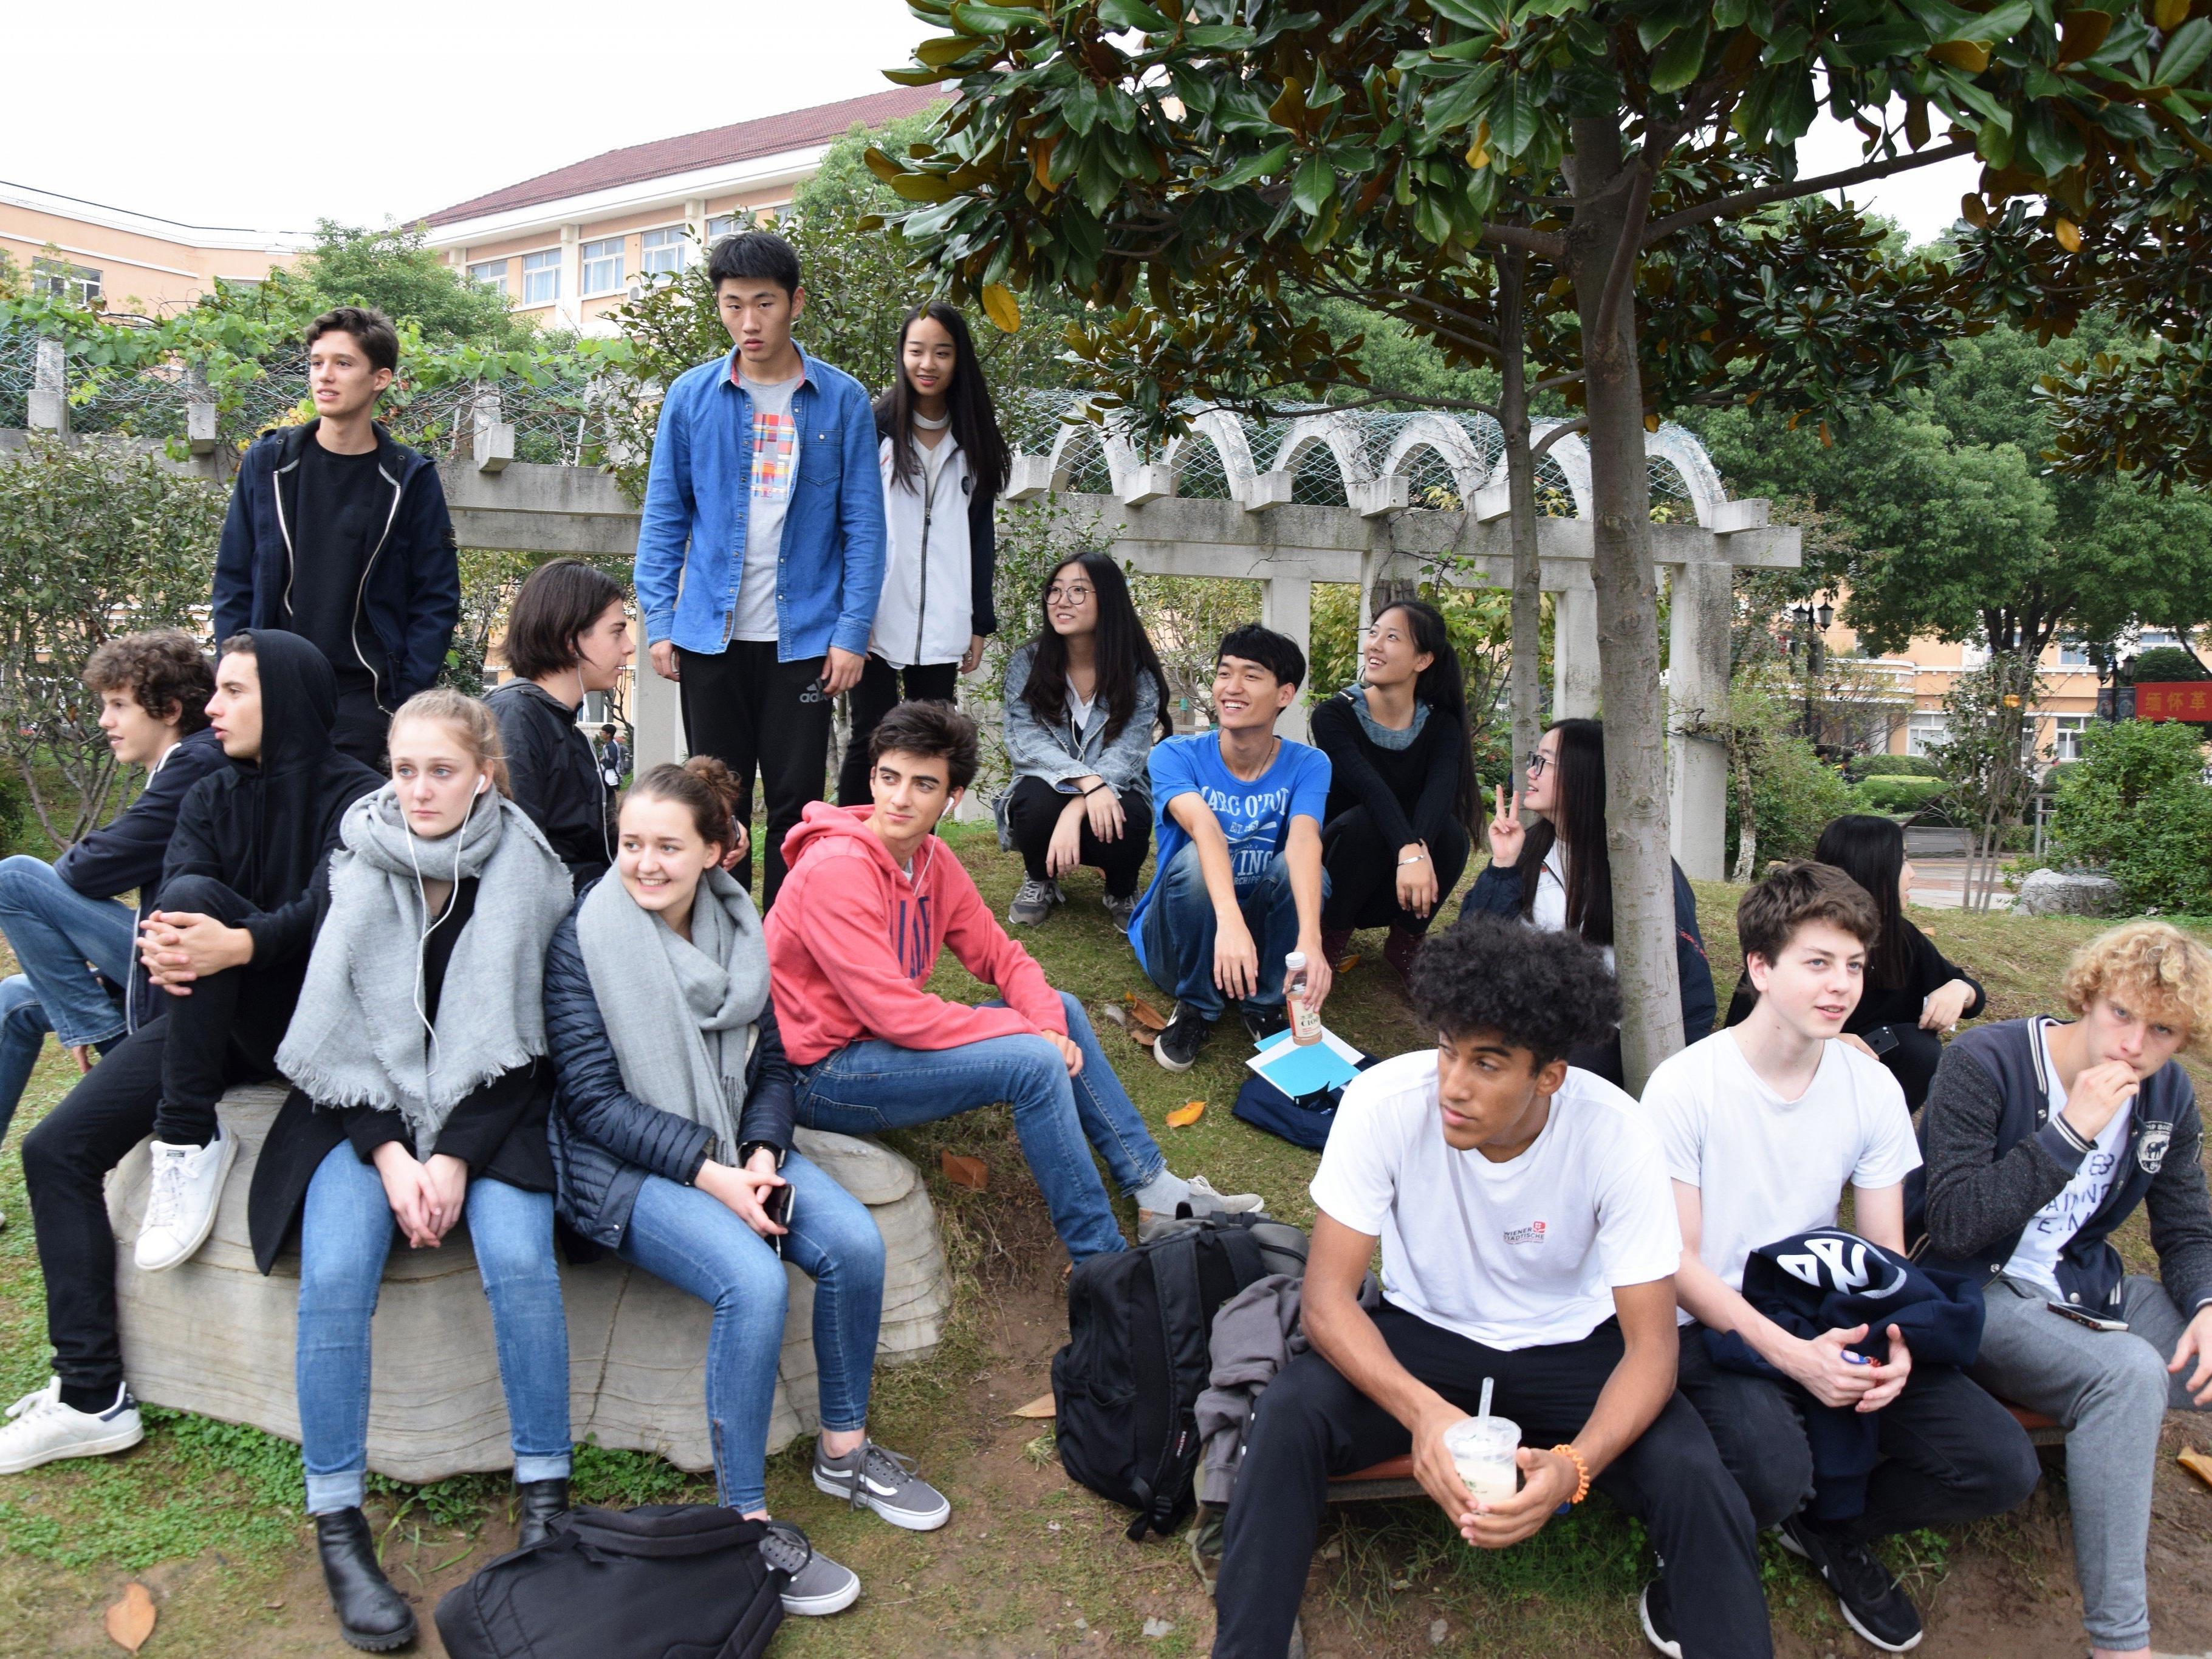 Eindrücke aus China gibt es beim Präsentationsabend der Schüler am 20. Jänner im Festsaal des BG Dornbirn.